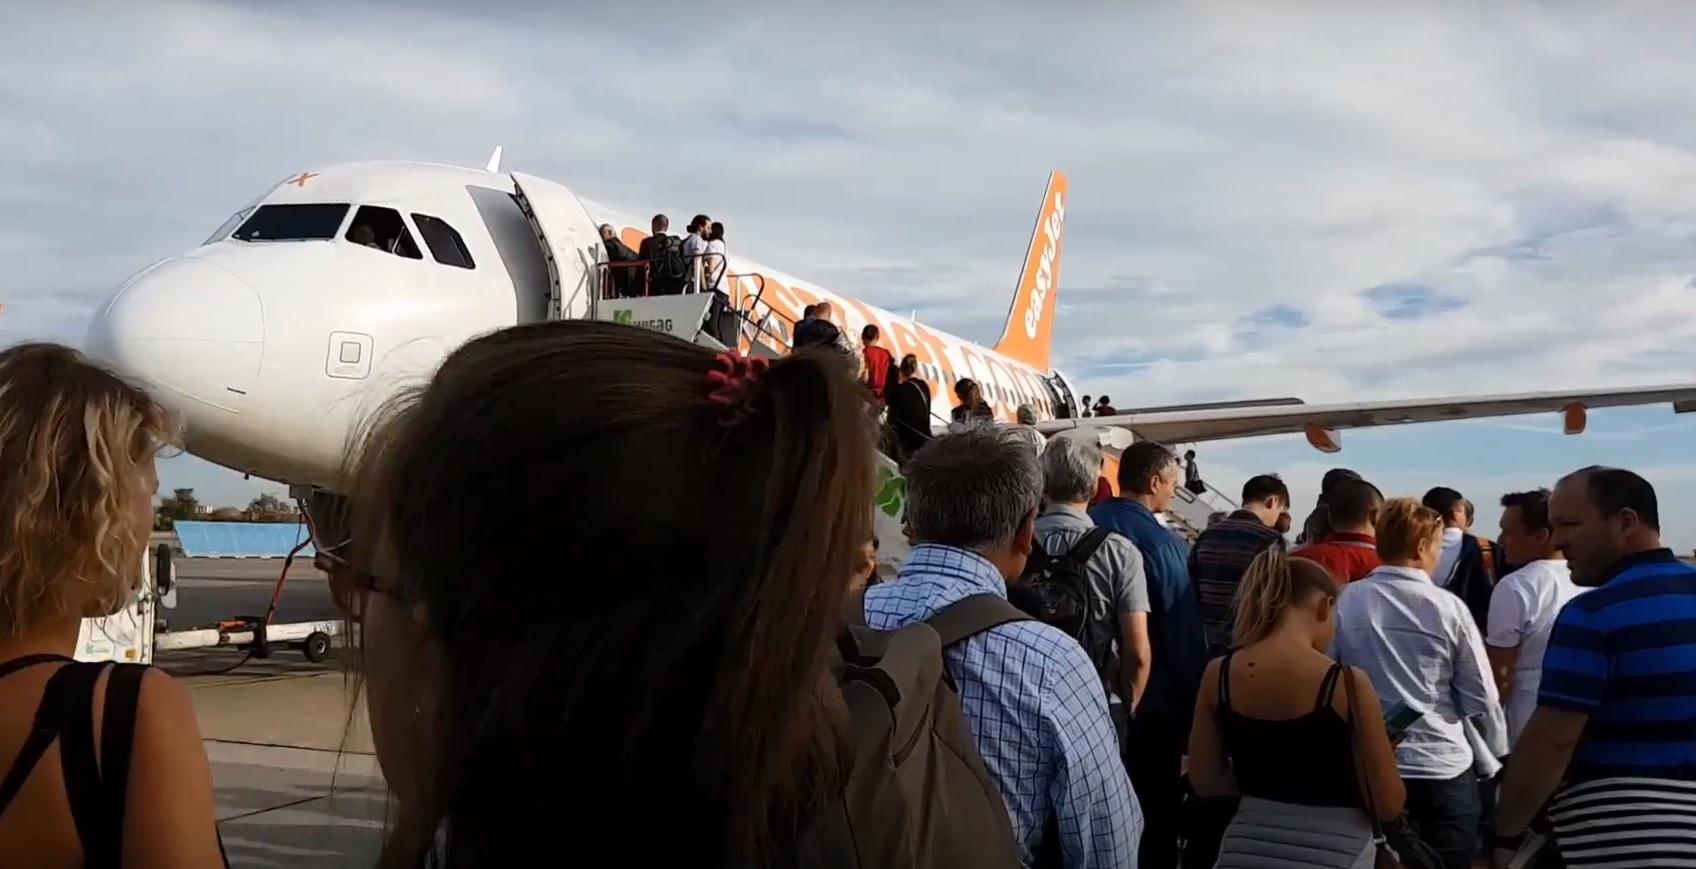 Meine Welt mit Deinen Augen: eine internationale Jugendbegegnung in Spanien